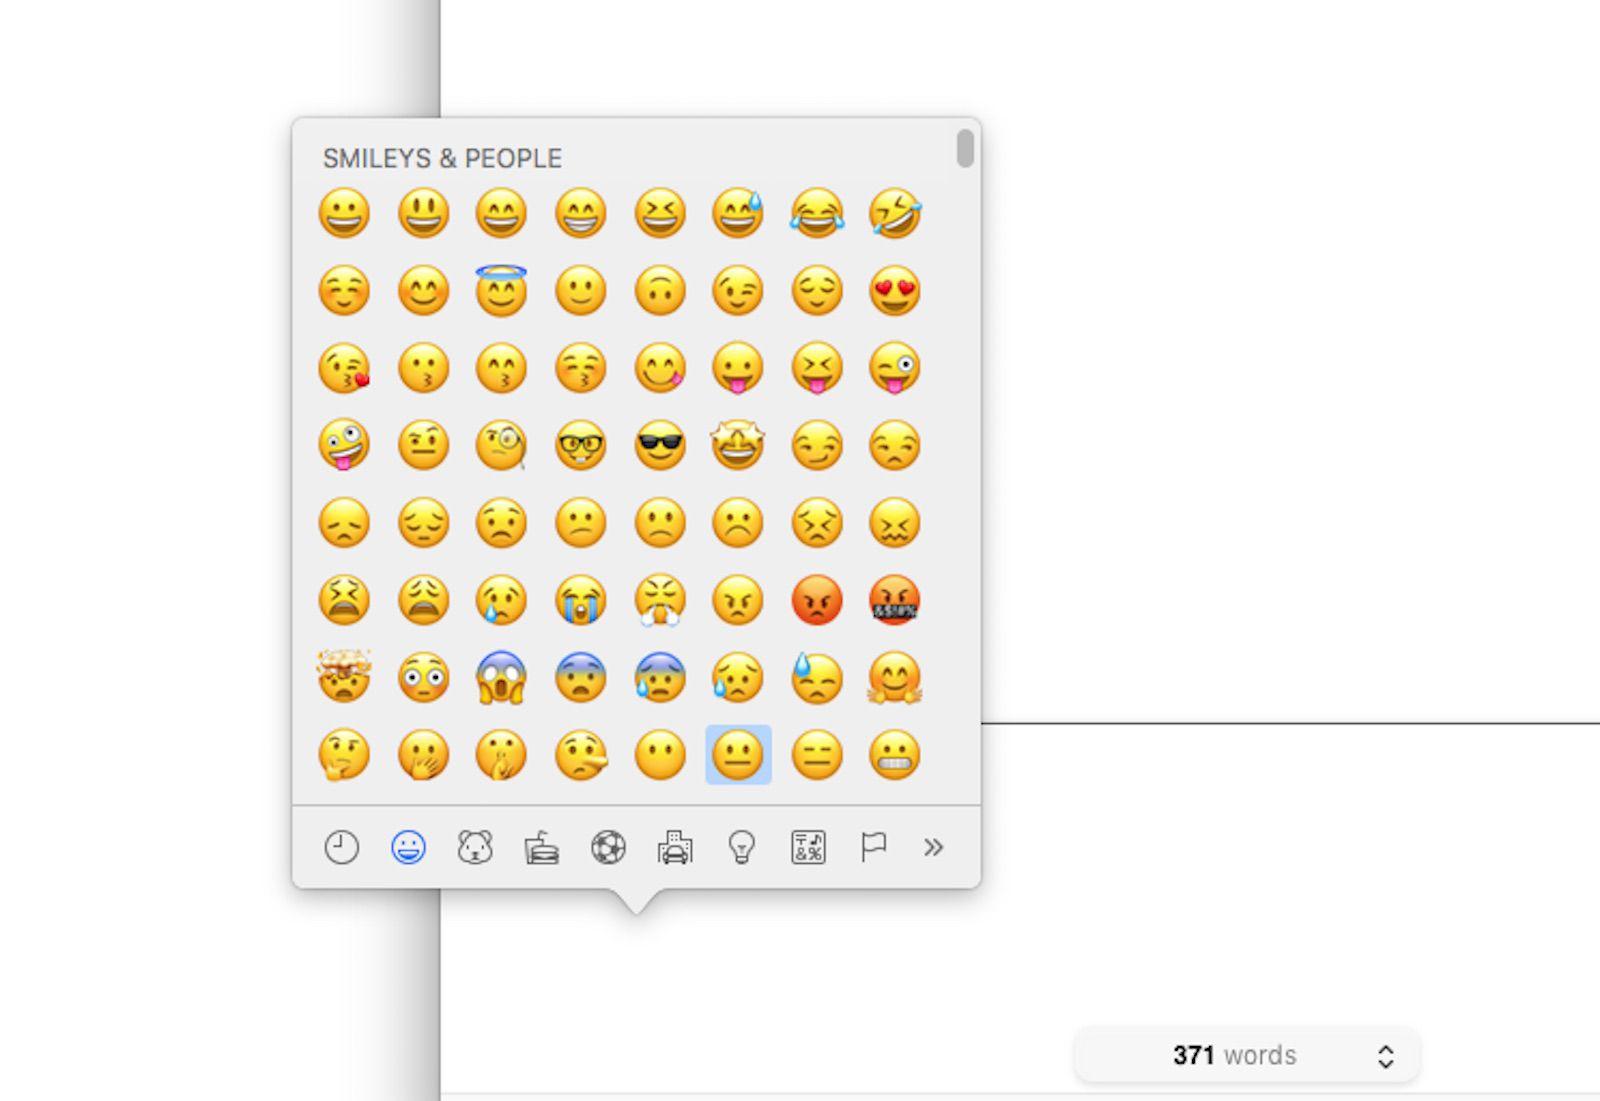 A screenshot of the emoji keyboard on a Mac.